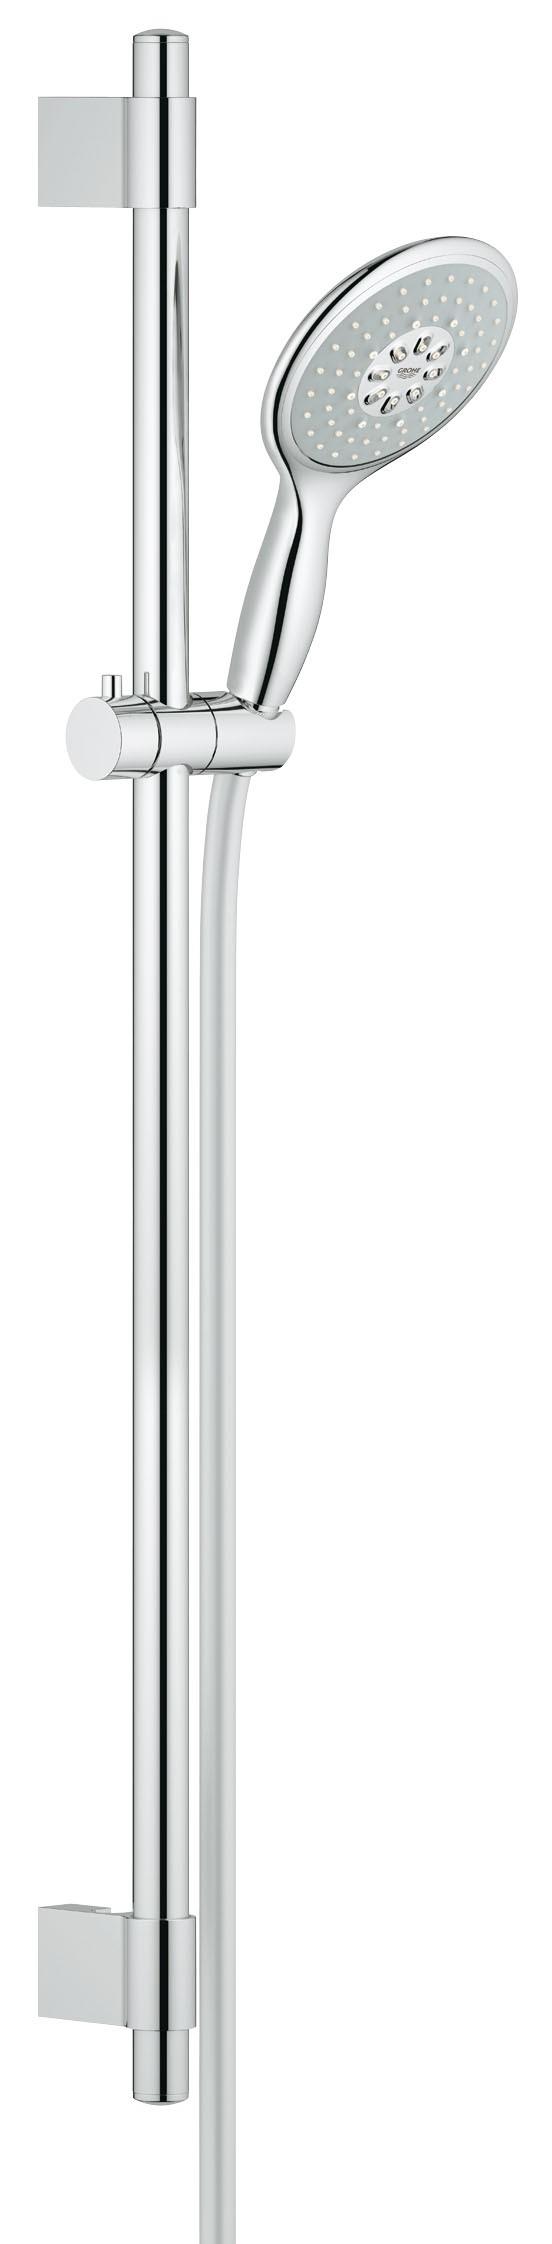 Душевой гарнитур Grohe 27738000 Power&Soul 130 (ручной душ, штанга 900 мм, шланг 1750 мм) с ограничением расхода воды, хром (27738000)